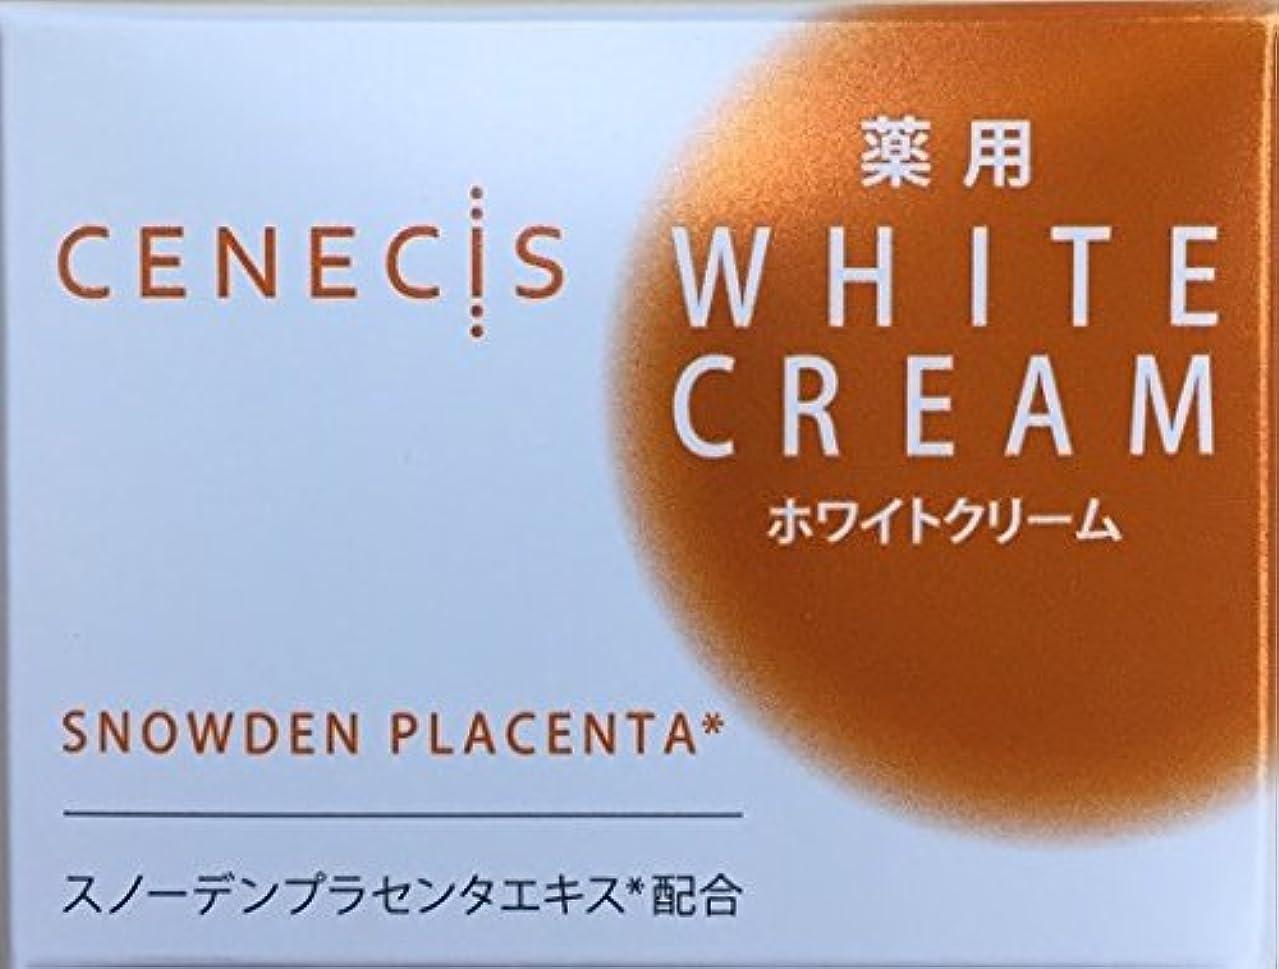 軽蔑する蒸気敬意を表するスノーデン セネシス 薬用ホワイトクリーム 40g